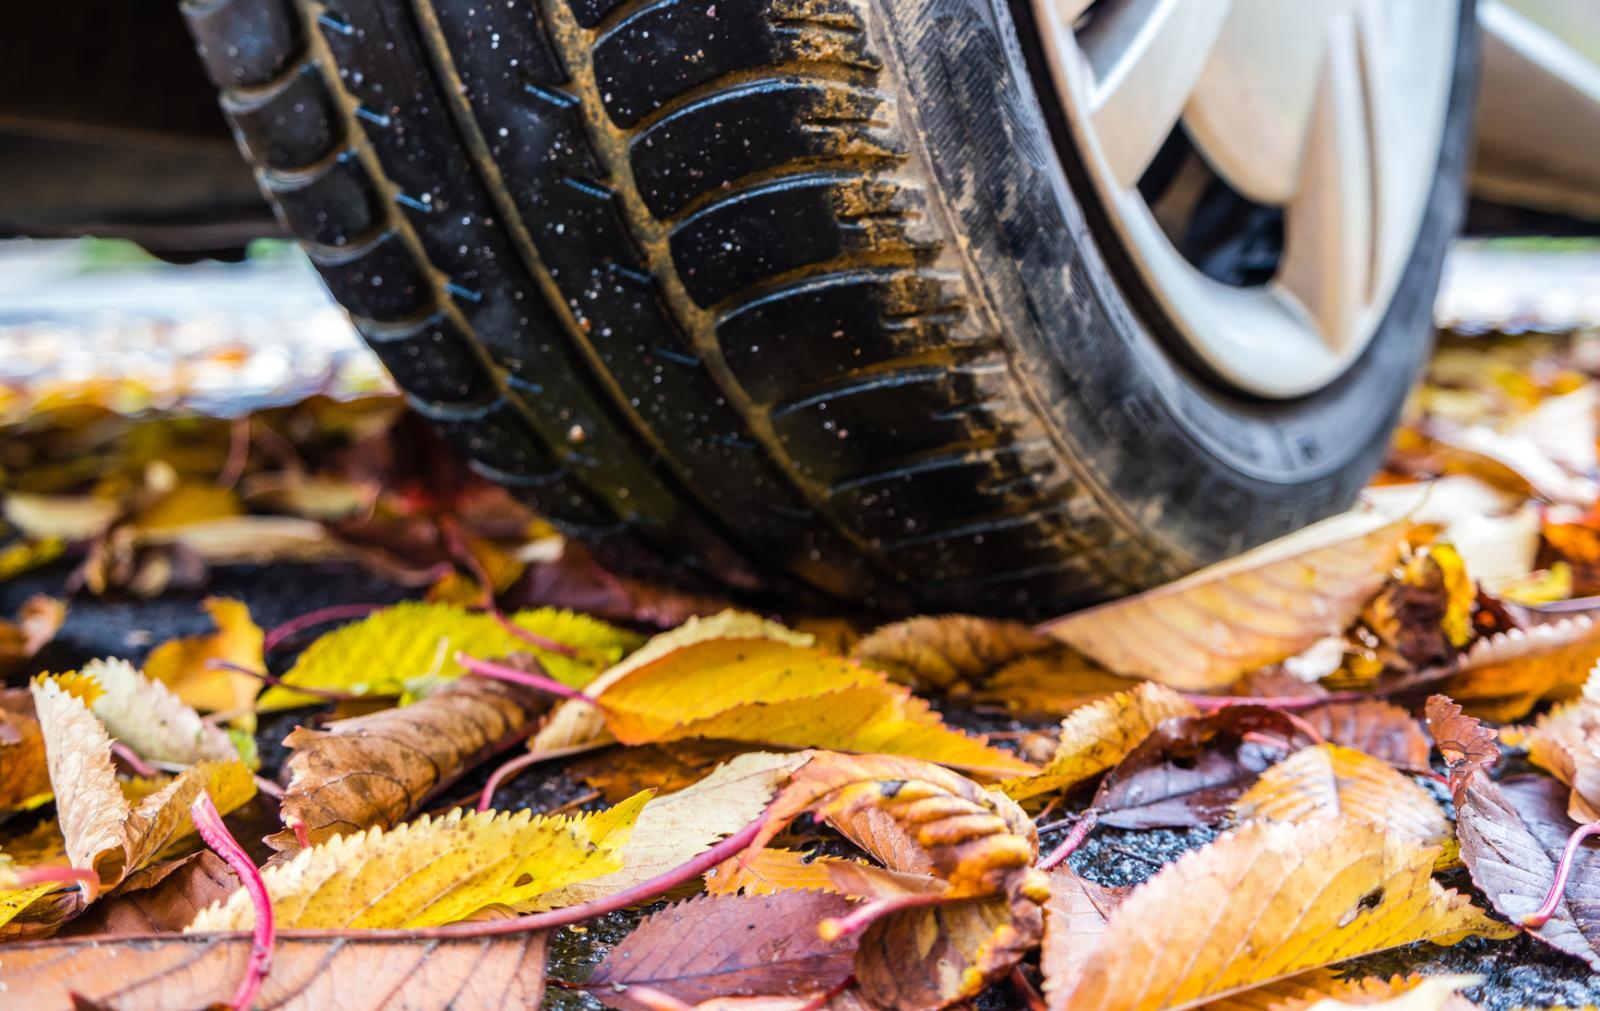 Reifen-Herbst-animaflora-–-fotolia.jpg